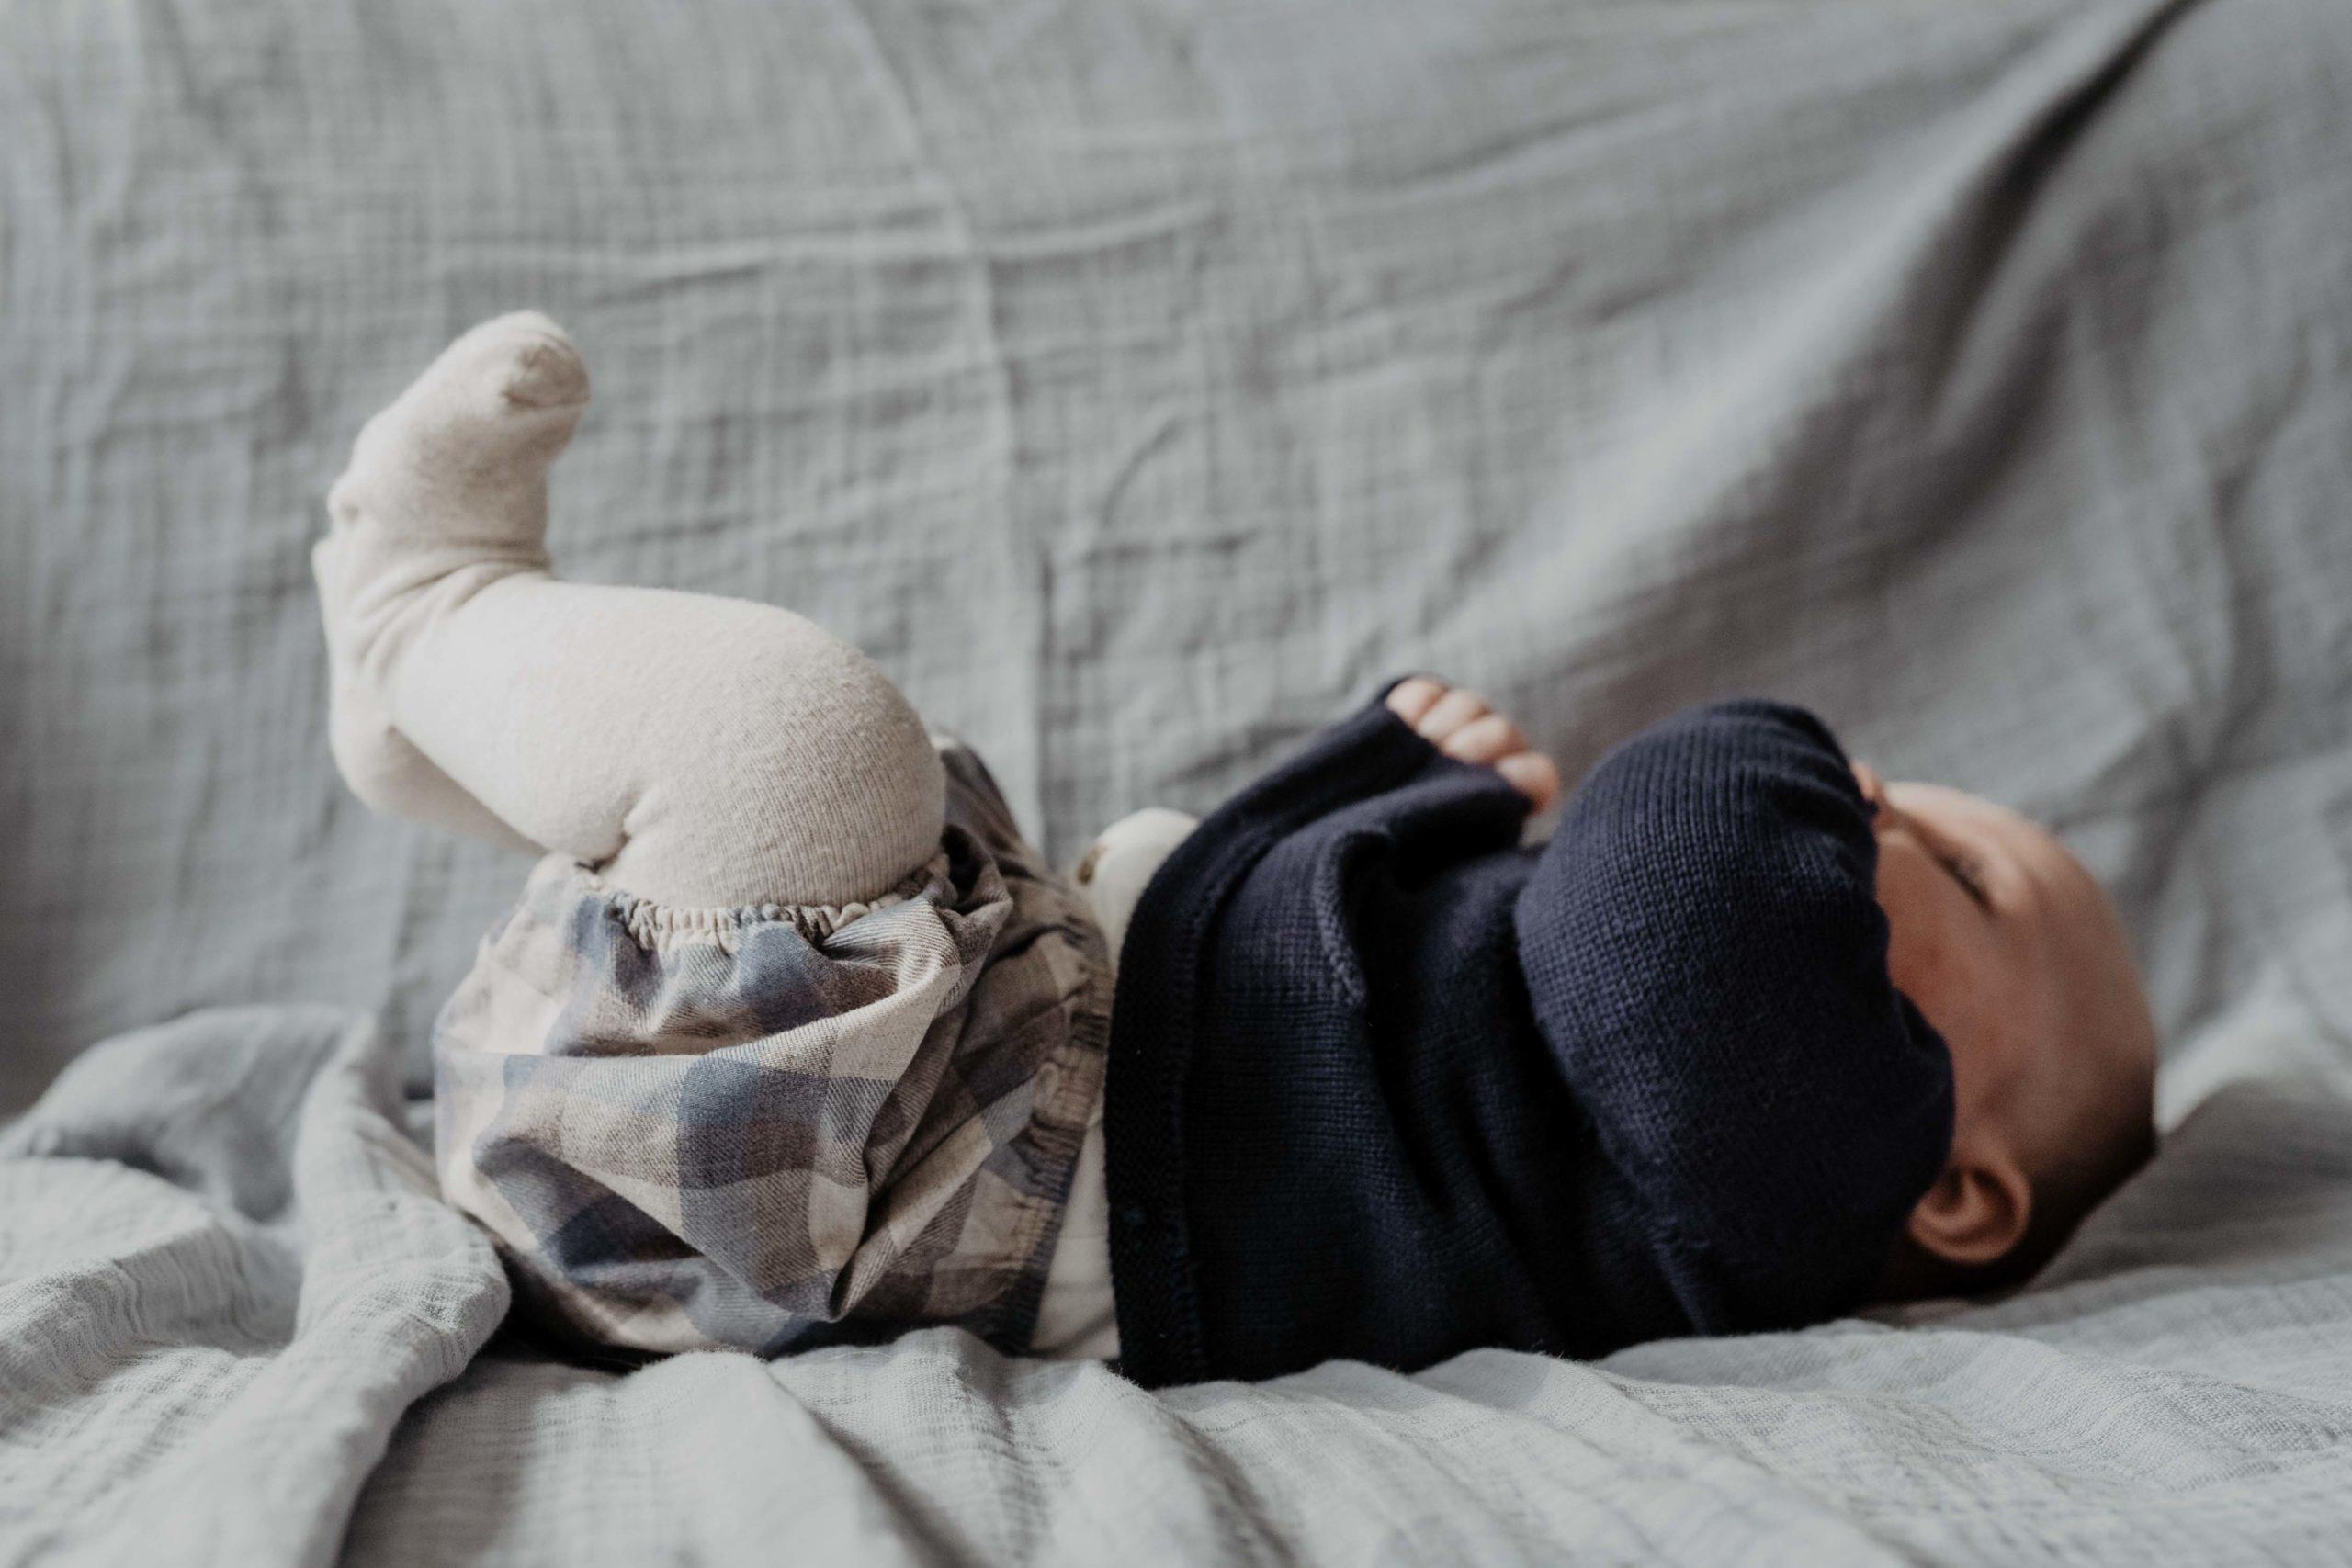 Zunahme Schwangerschaft Ersten 12 Wochen